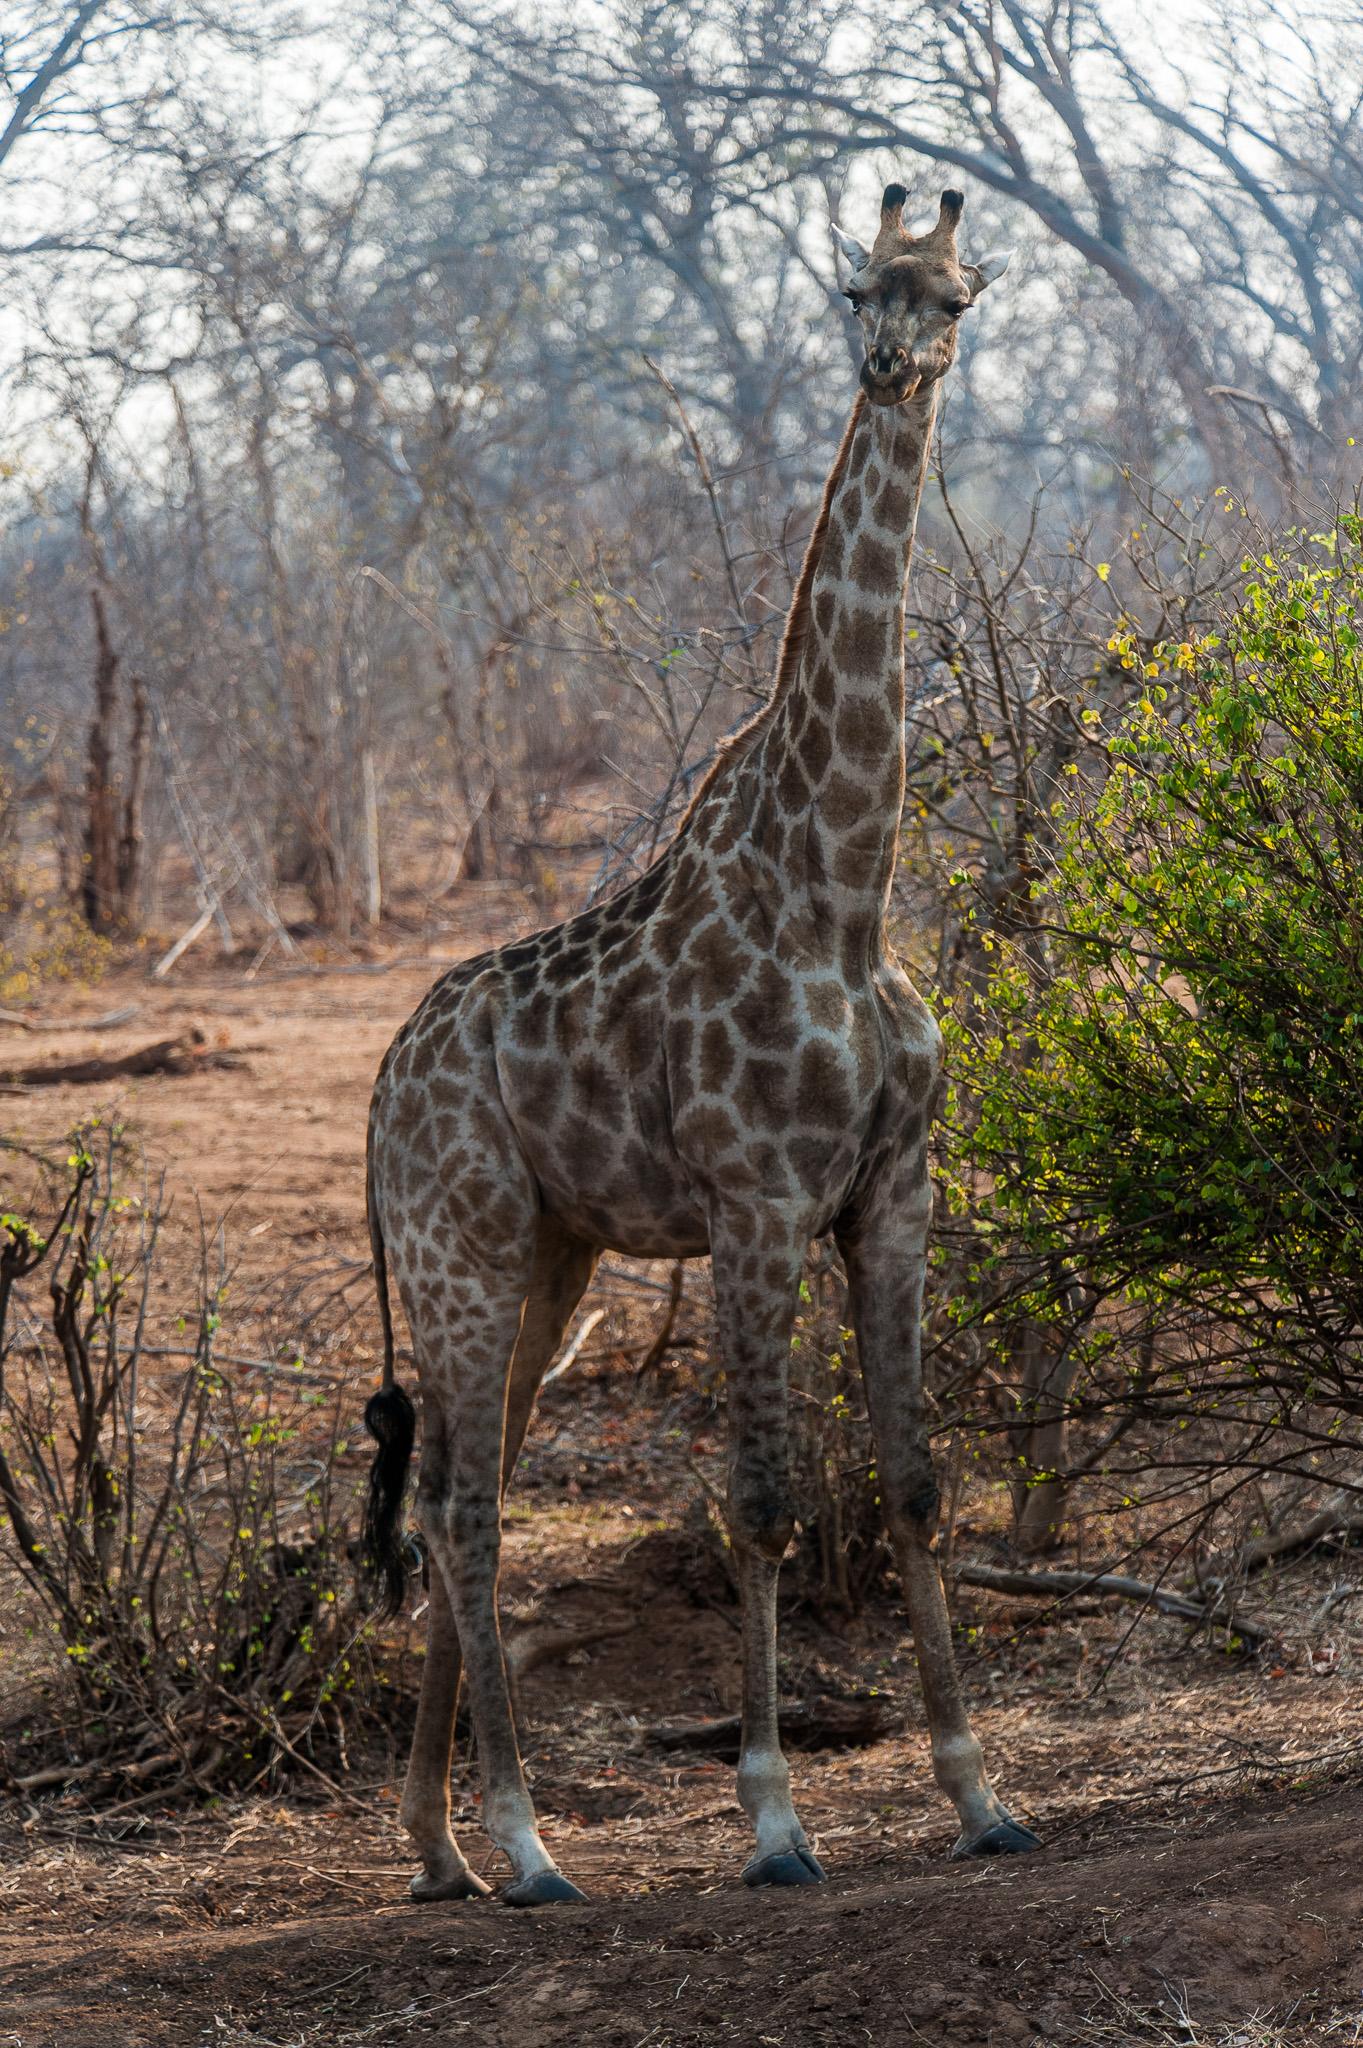 Giraffe, Chobe NP, Botswana